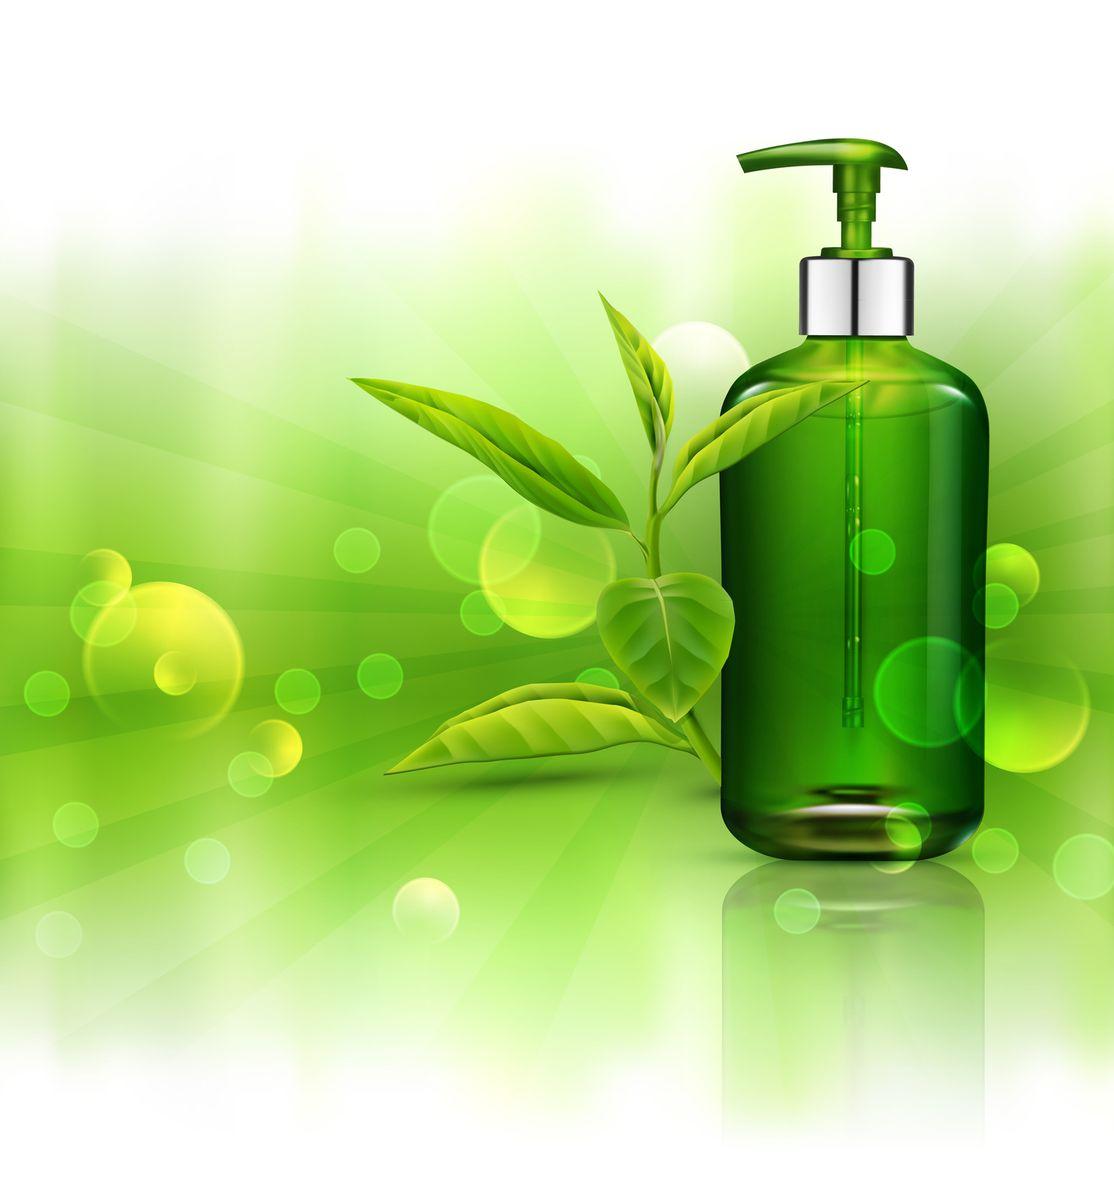 zielony zapach w chemii gospodarczej